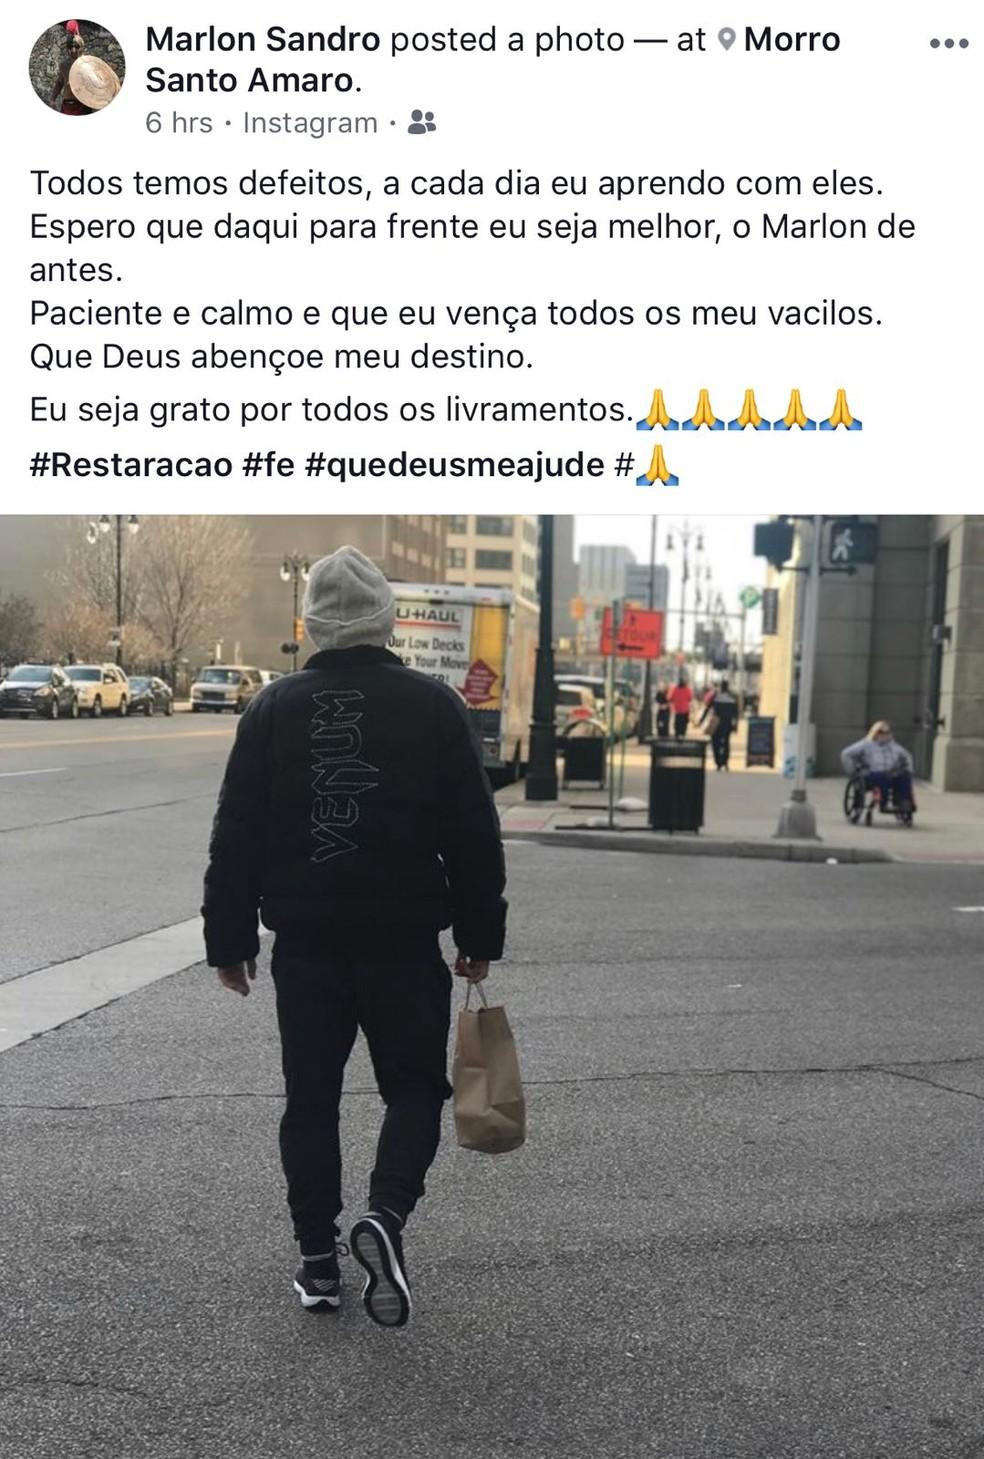 O post de Marlon Sandro nas redes sociais nesta quinta (Foto: Reprodução/Instagram)